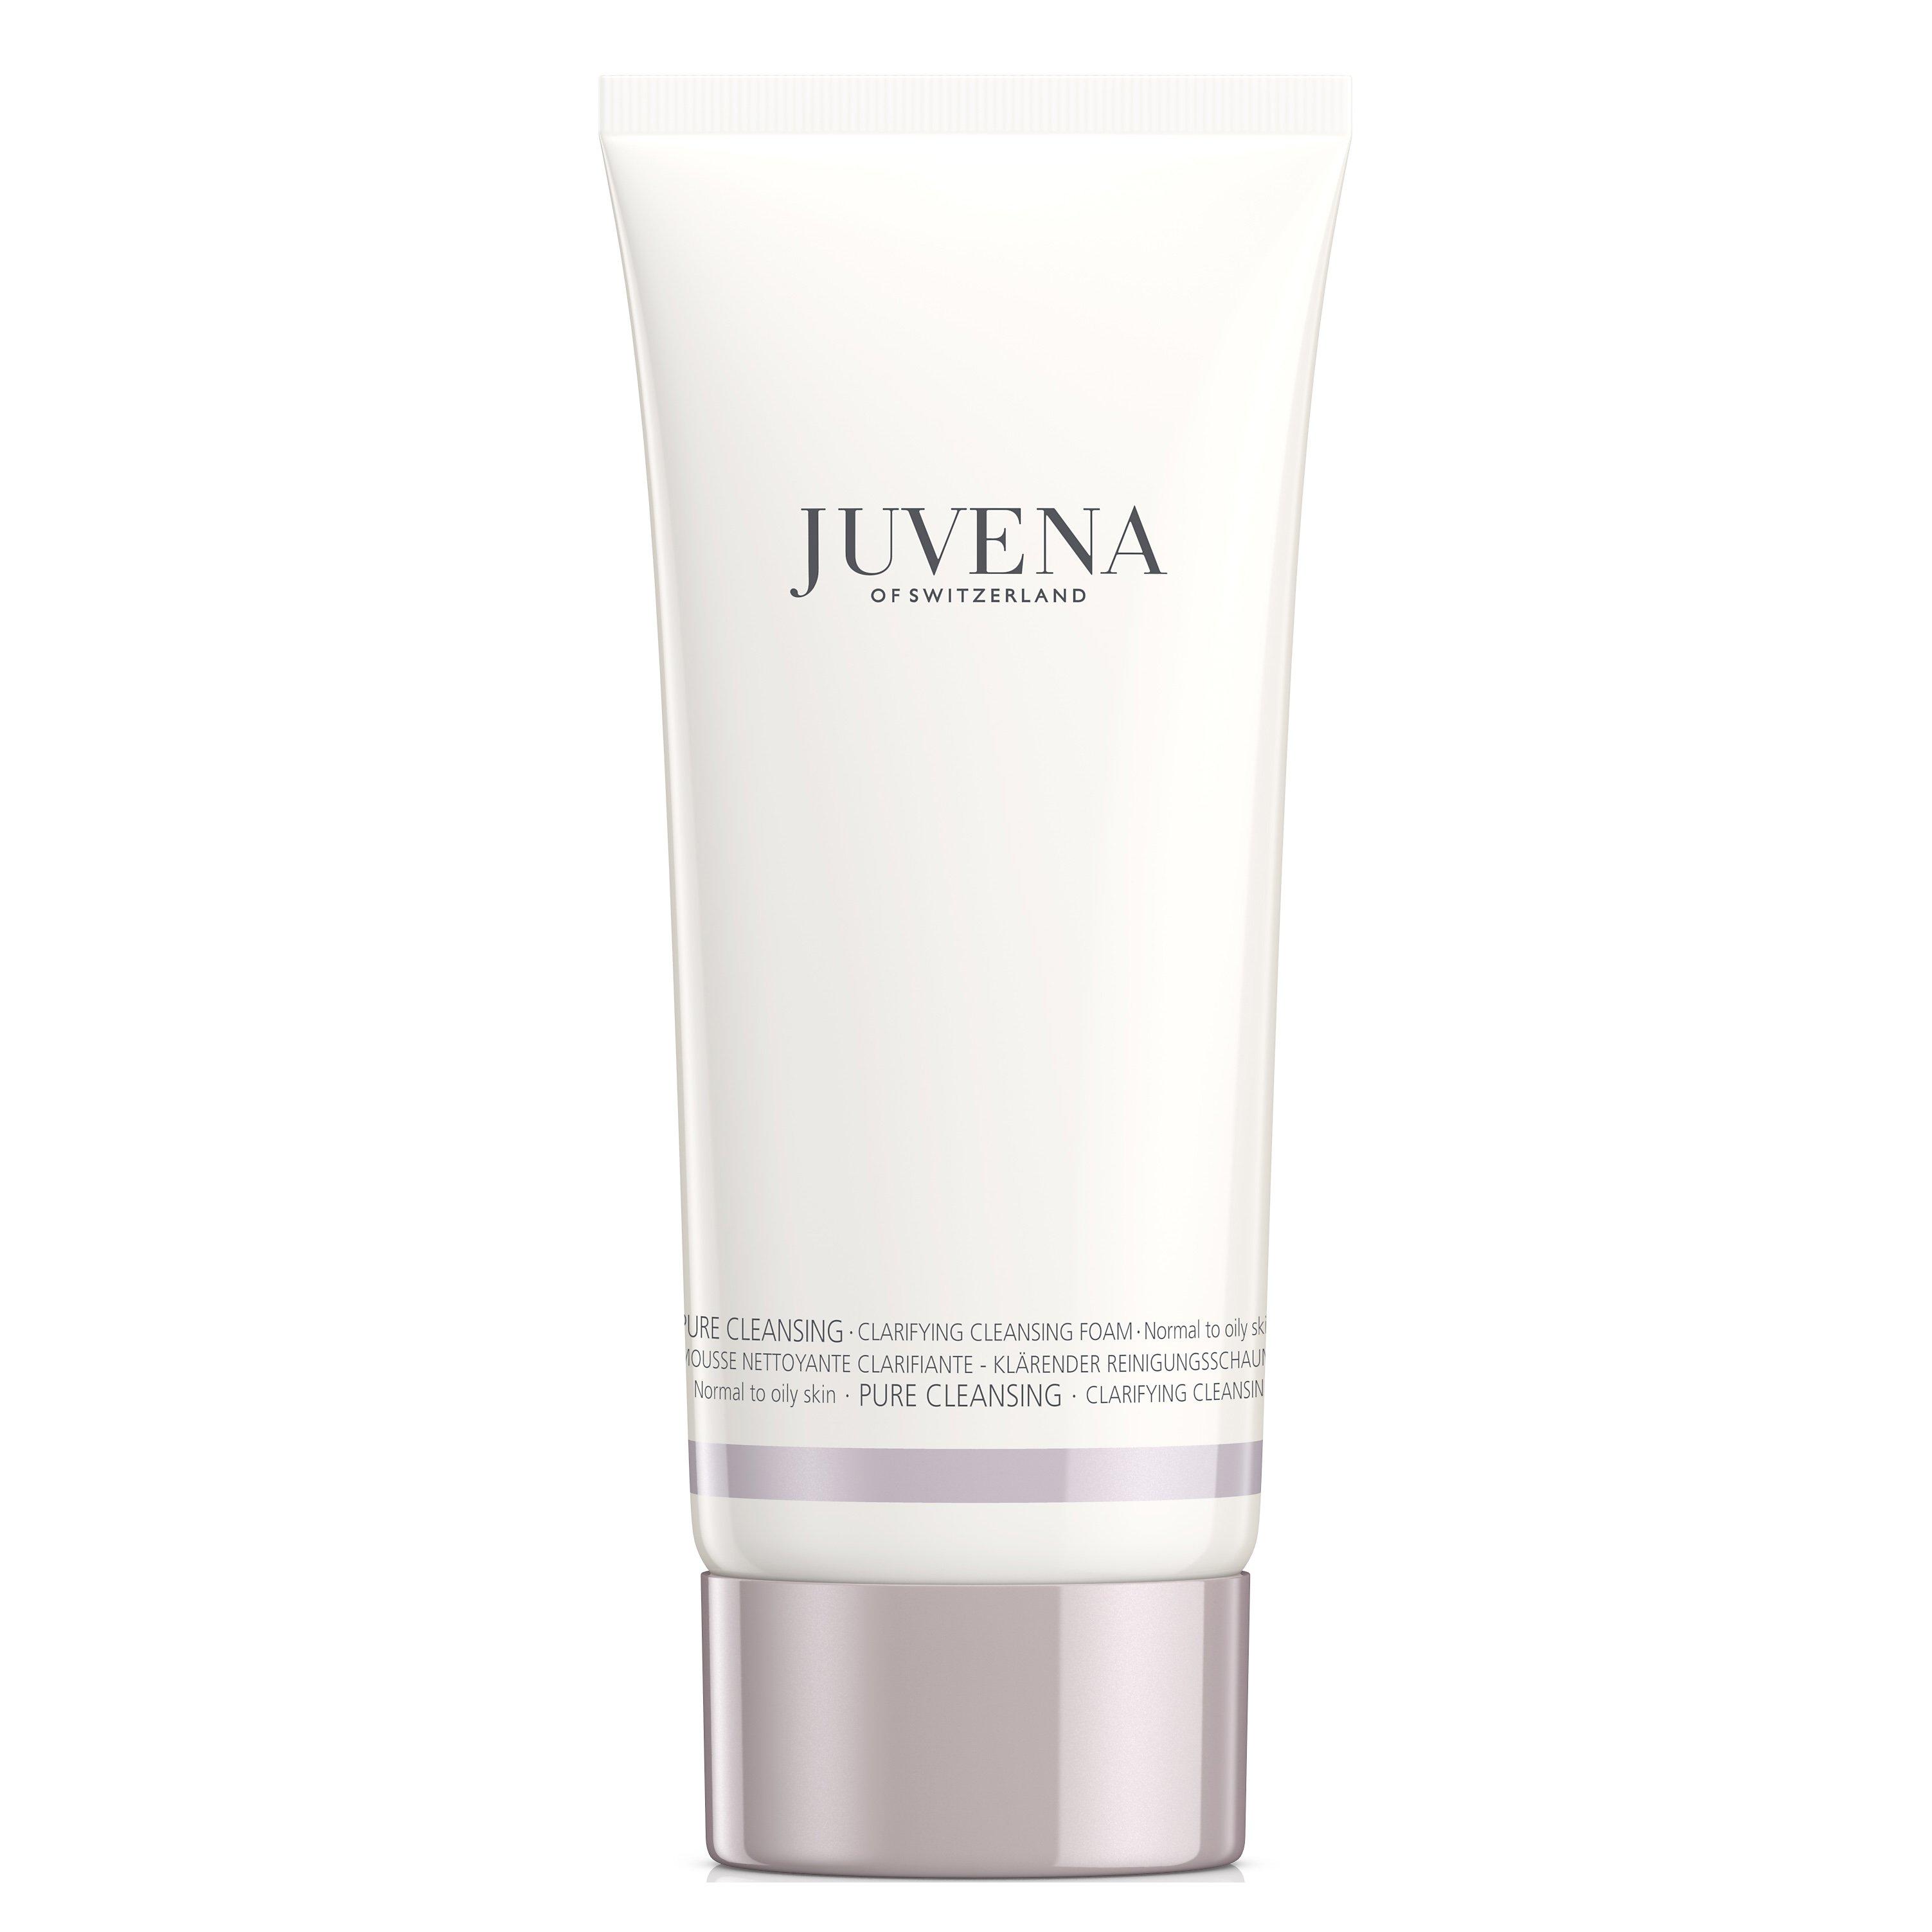 Juvena Pure Cleansing Clarifying Cleansing Foam Εξυγιαντικός Αφρός Καθαρισμού για Κανονικές Λιπαρές Επιδερμίδες 200ml